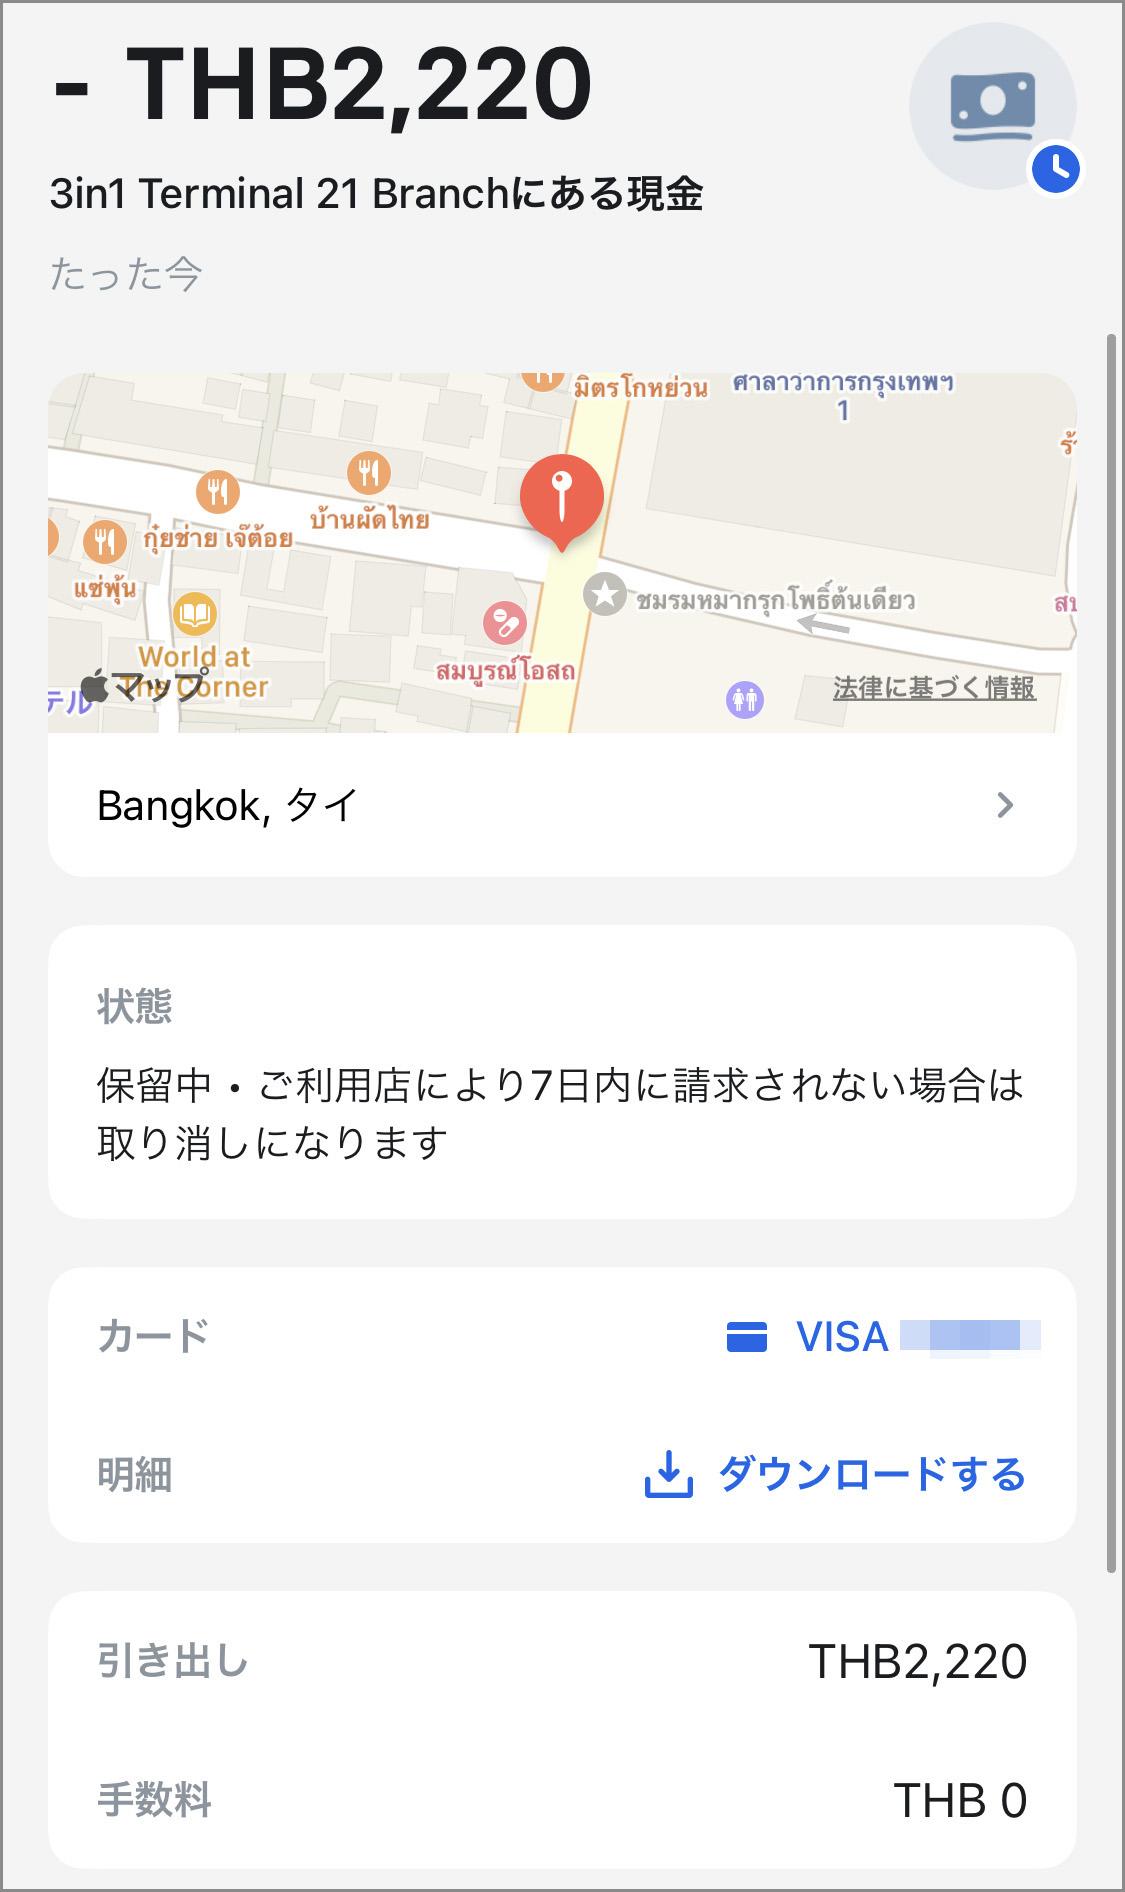 Revolutは海外ATMオーナー手数料に注意